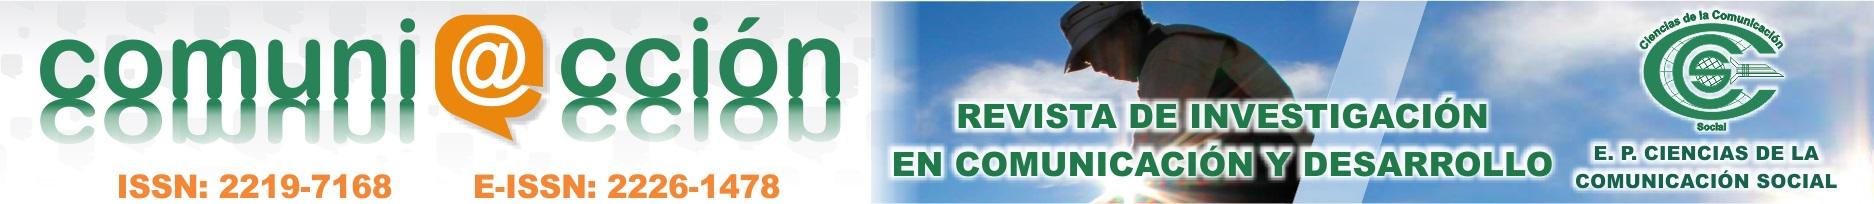 Logo Comuni@cción